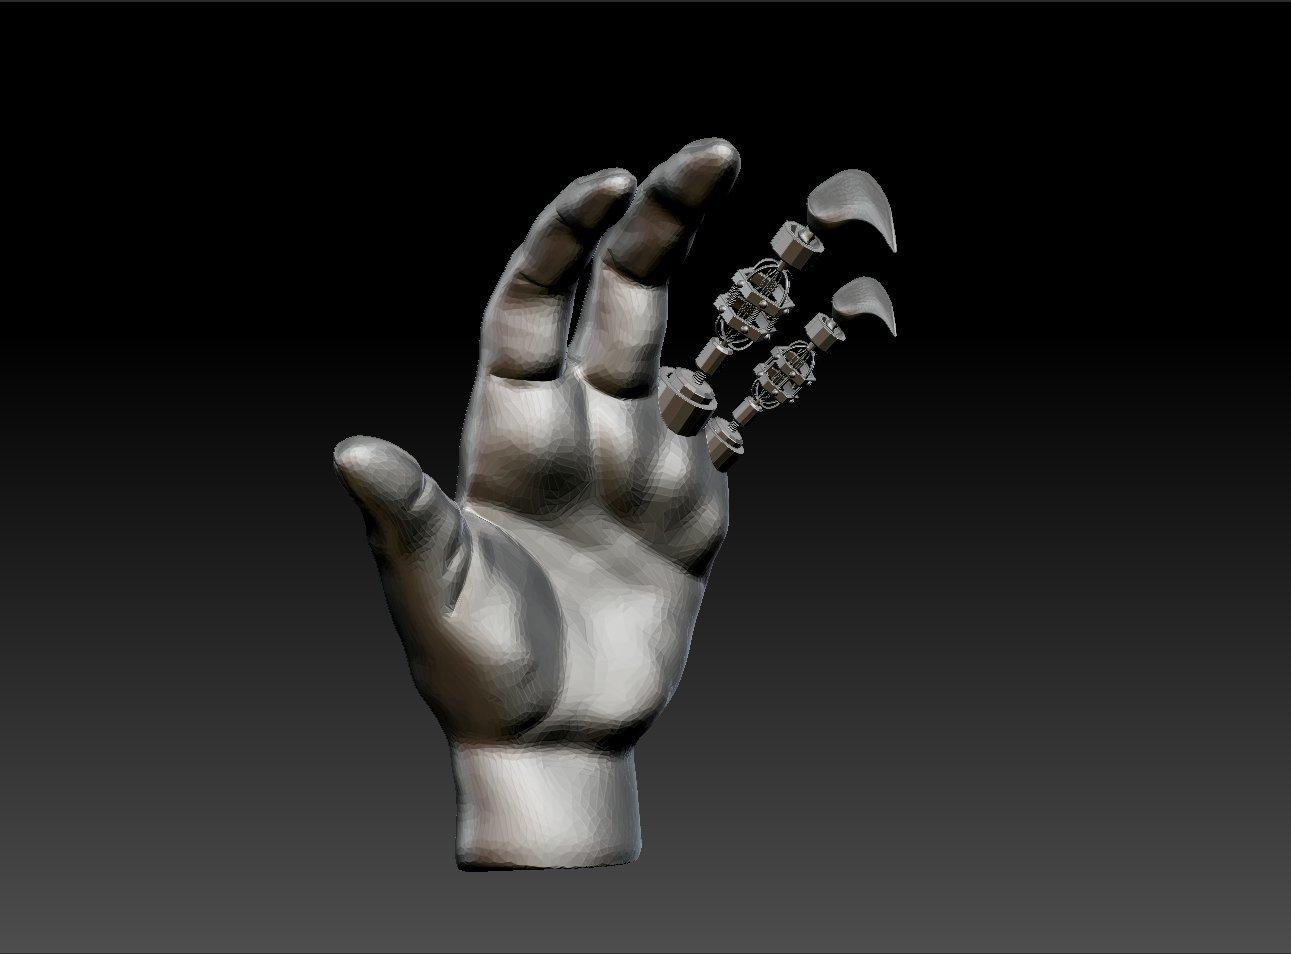 Robotic Hand 3D Model in Robot 3DExport